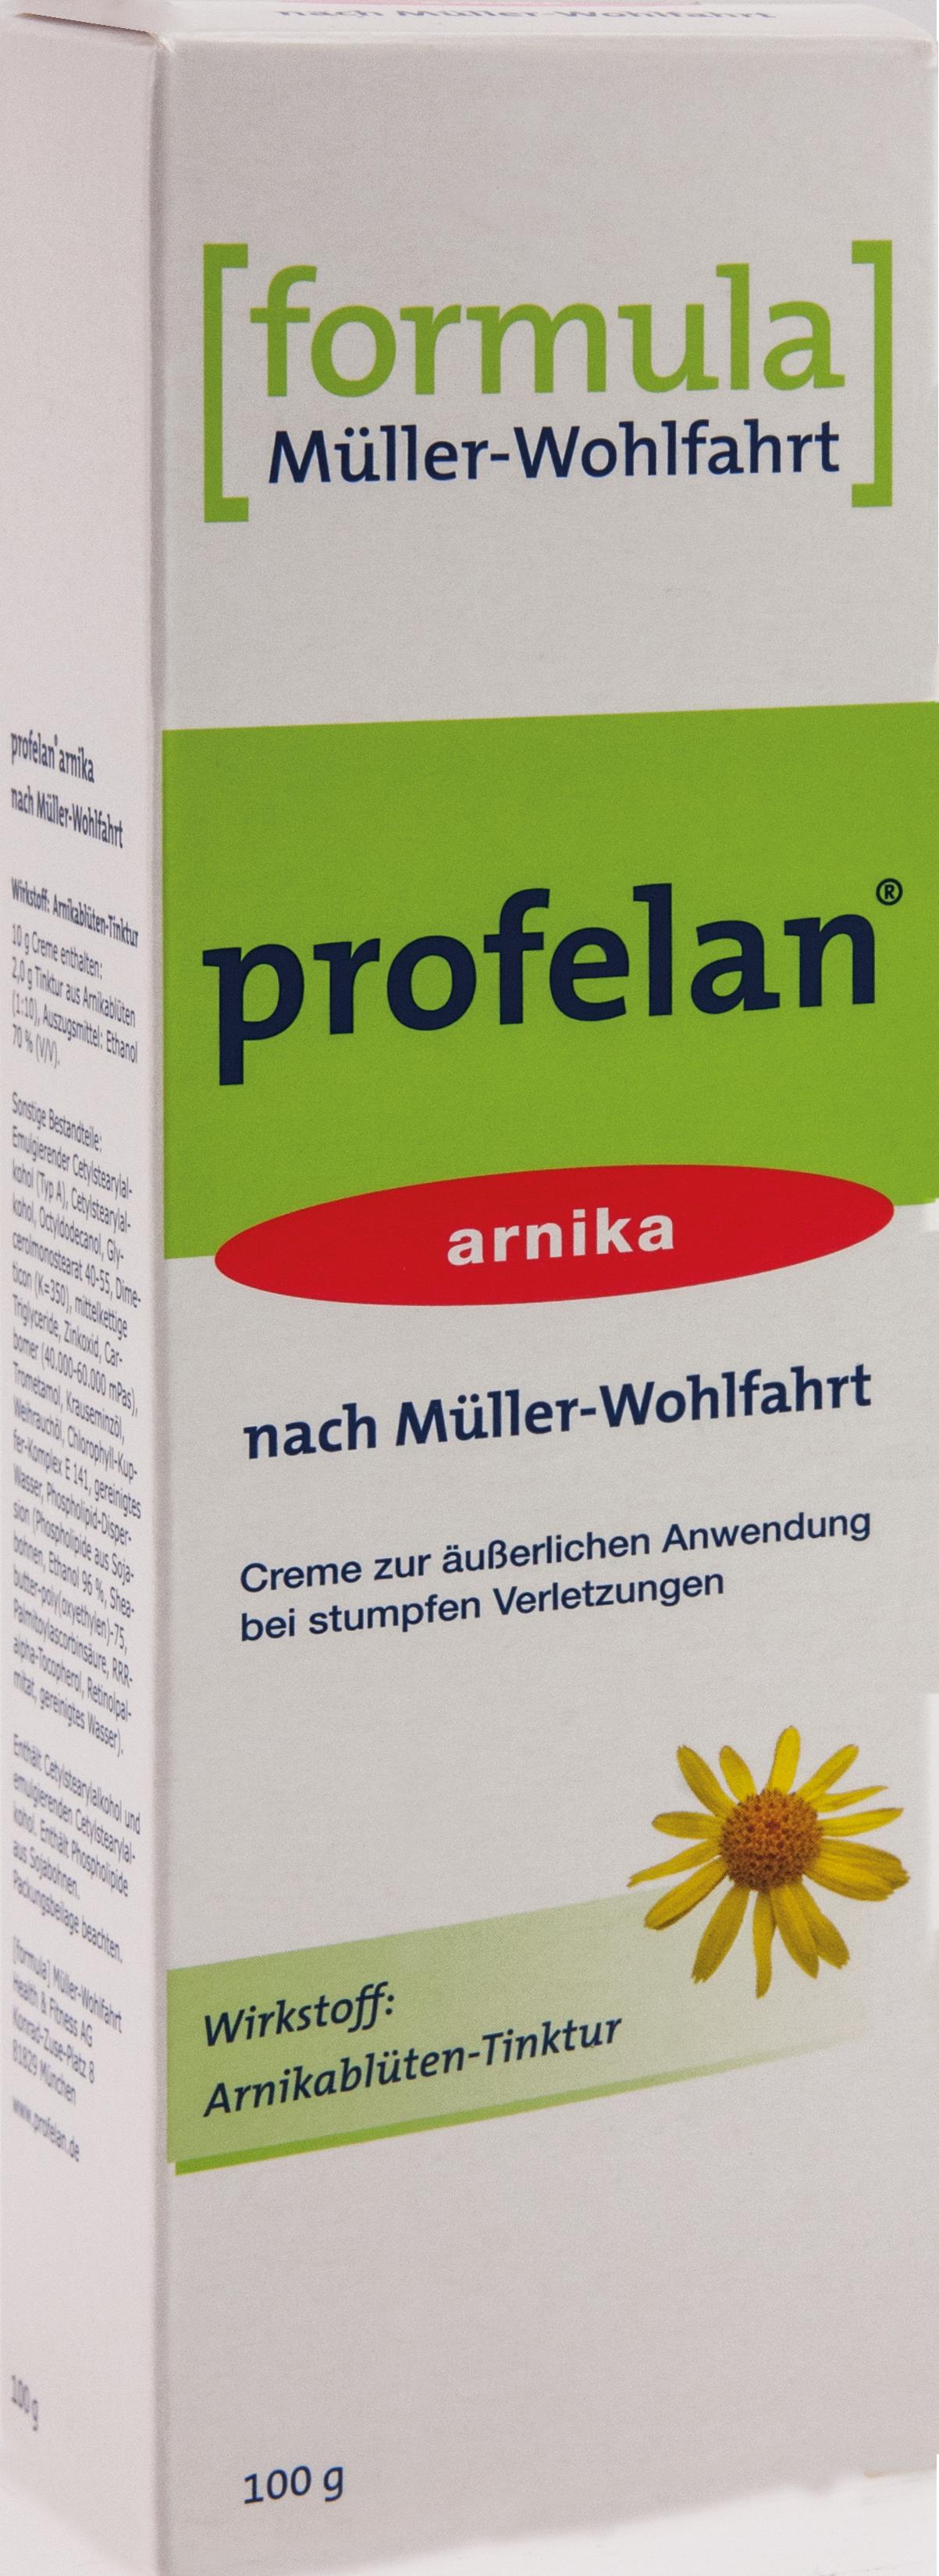 Profelan Salbe nach Müller-Wohlfahrt